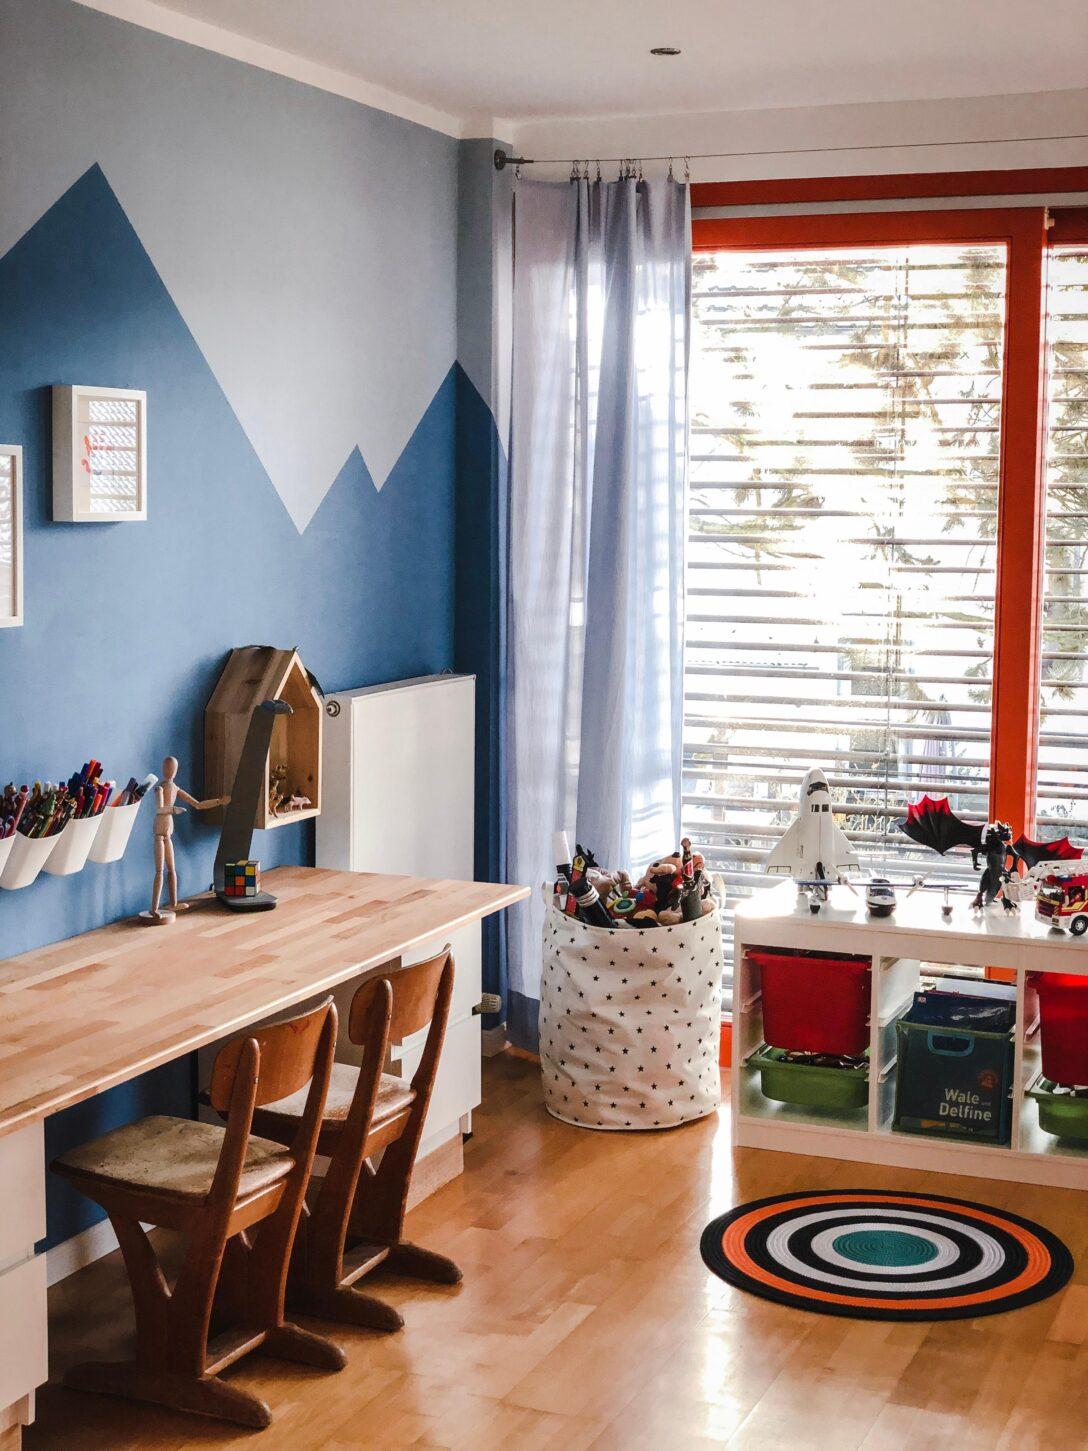 Large Size of Kinderzimmer Jungen 2 Jahre Einrichten Junge 10 Deko Jungs Ikea Baby Pinterest Dekoration Regal Weiß Regale Sofa Kinderzimmer Kinderzimmer Jungs